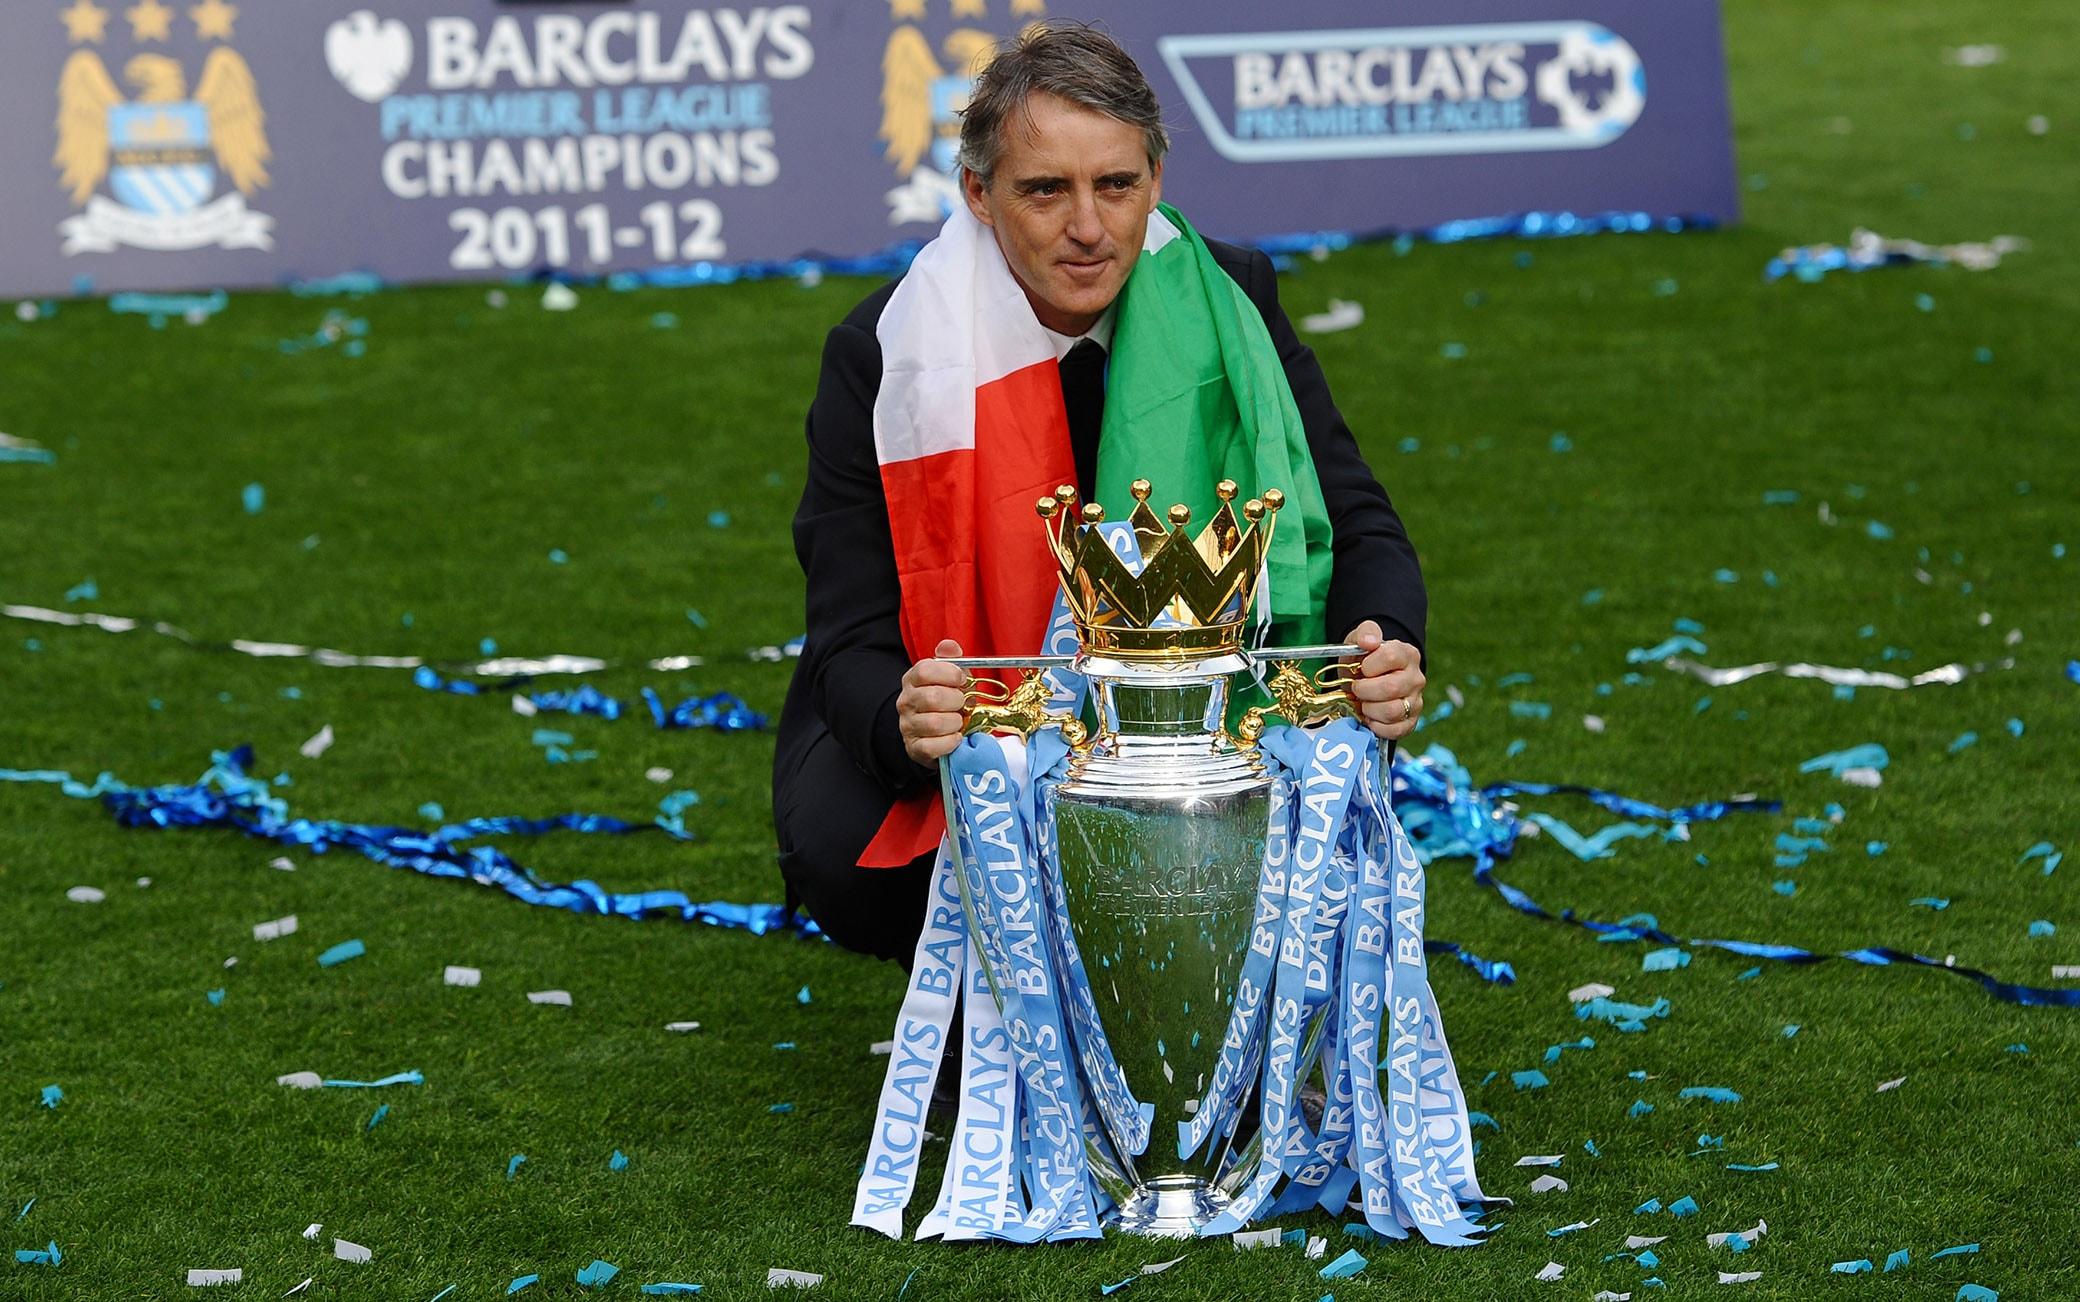 Roberto Mancini festeggia il titolo in Premier nel 2012